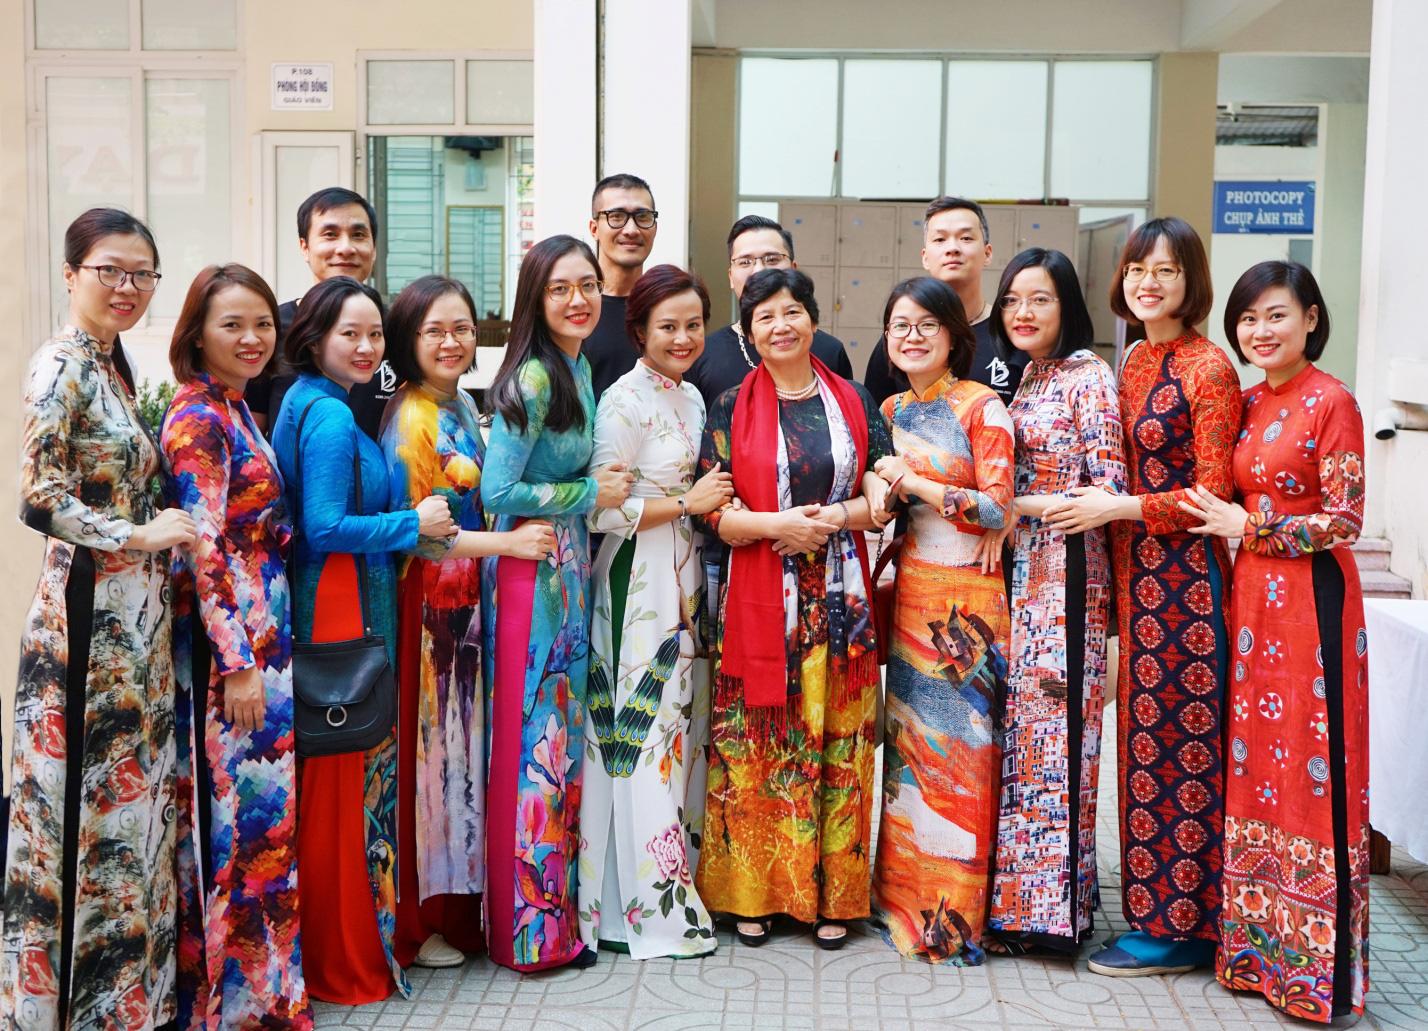 Chuyện cô trò nhỏ tặng 100 áo dài cho các thầy cô Chuyên ngữ - Ảnh 2.